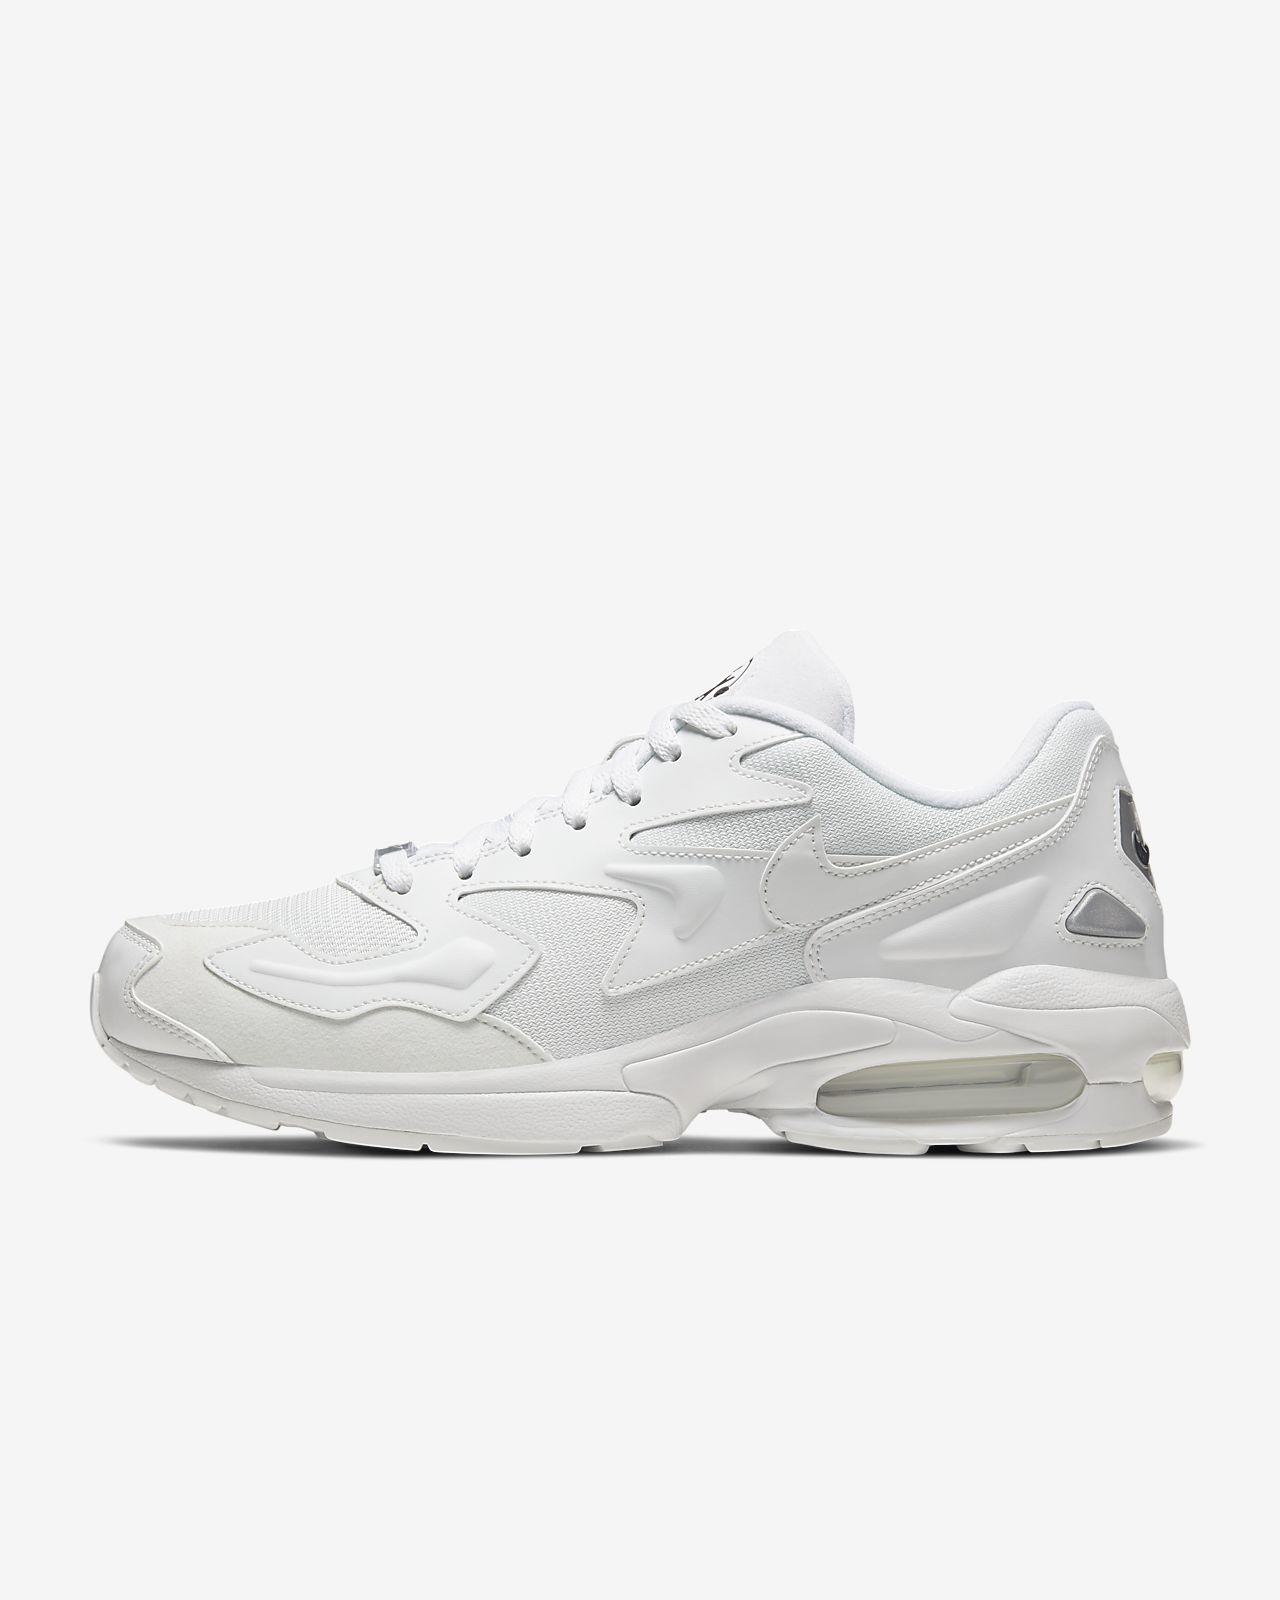 Sko Nike Air Max2 Light för män